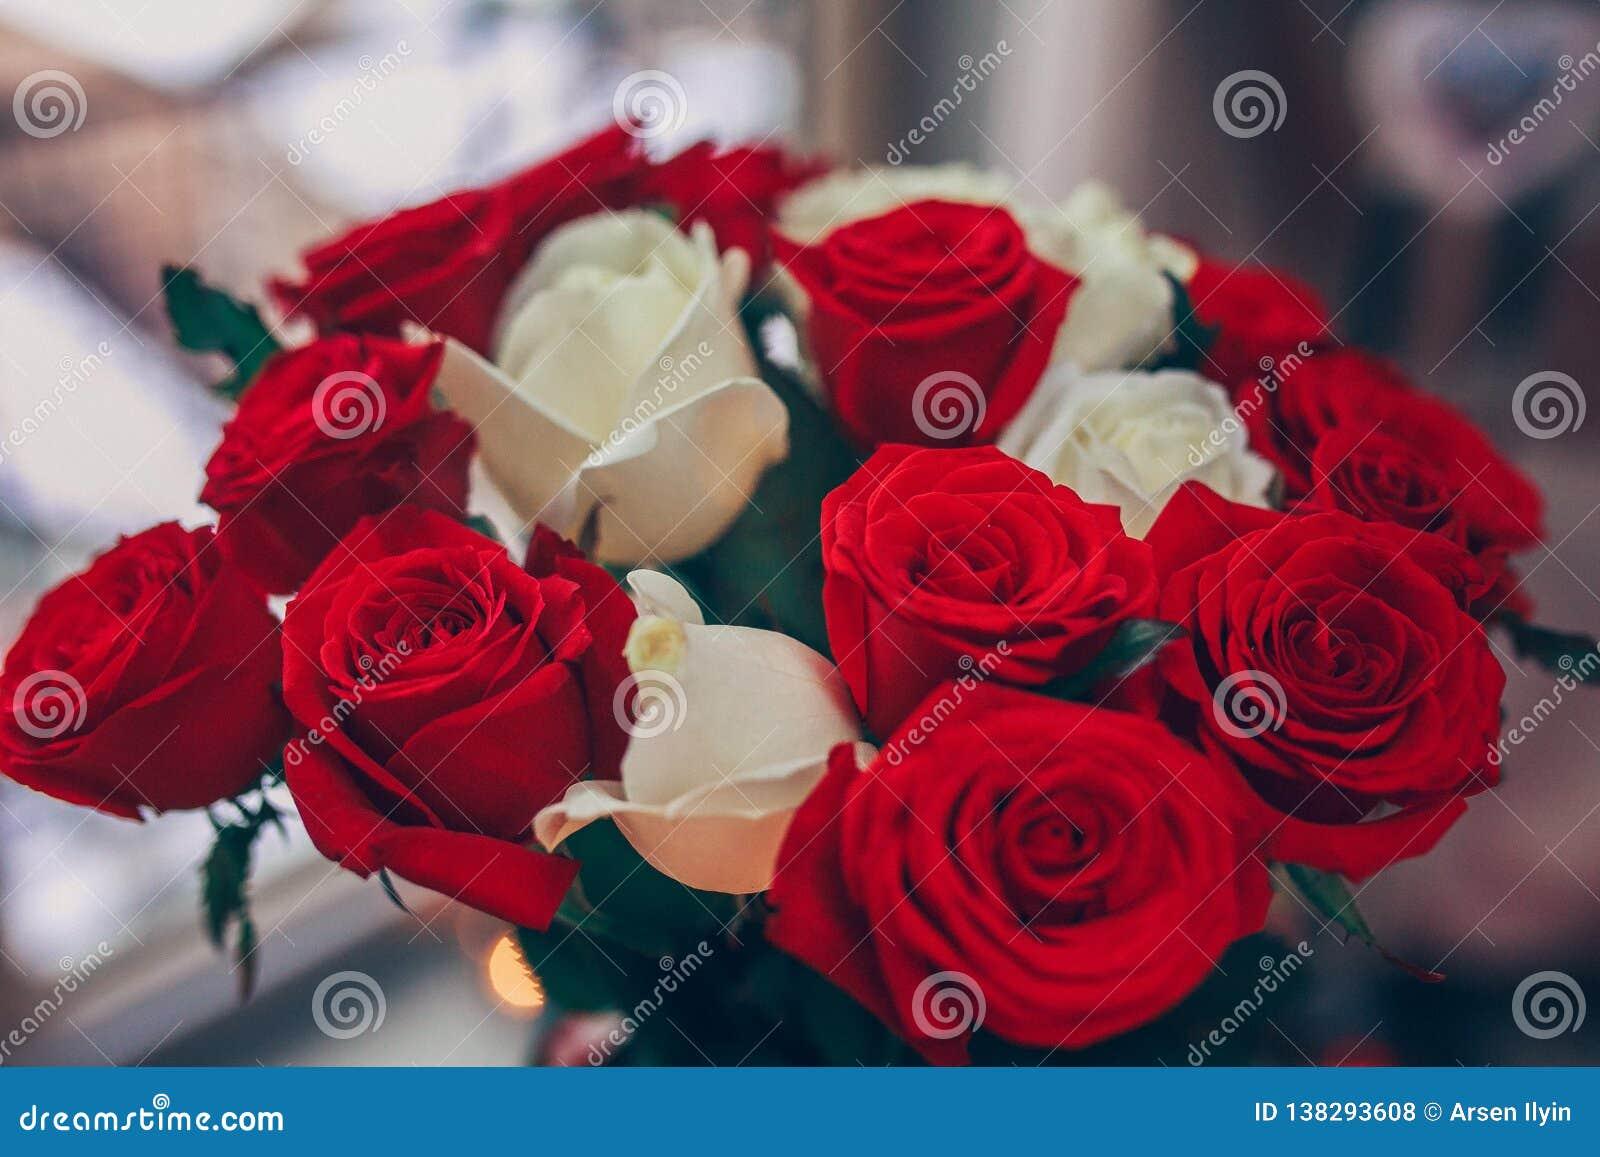 Blumenstrauß von roten und weißen Rosen